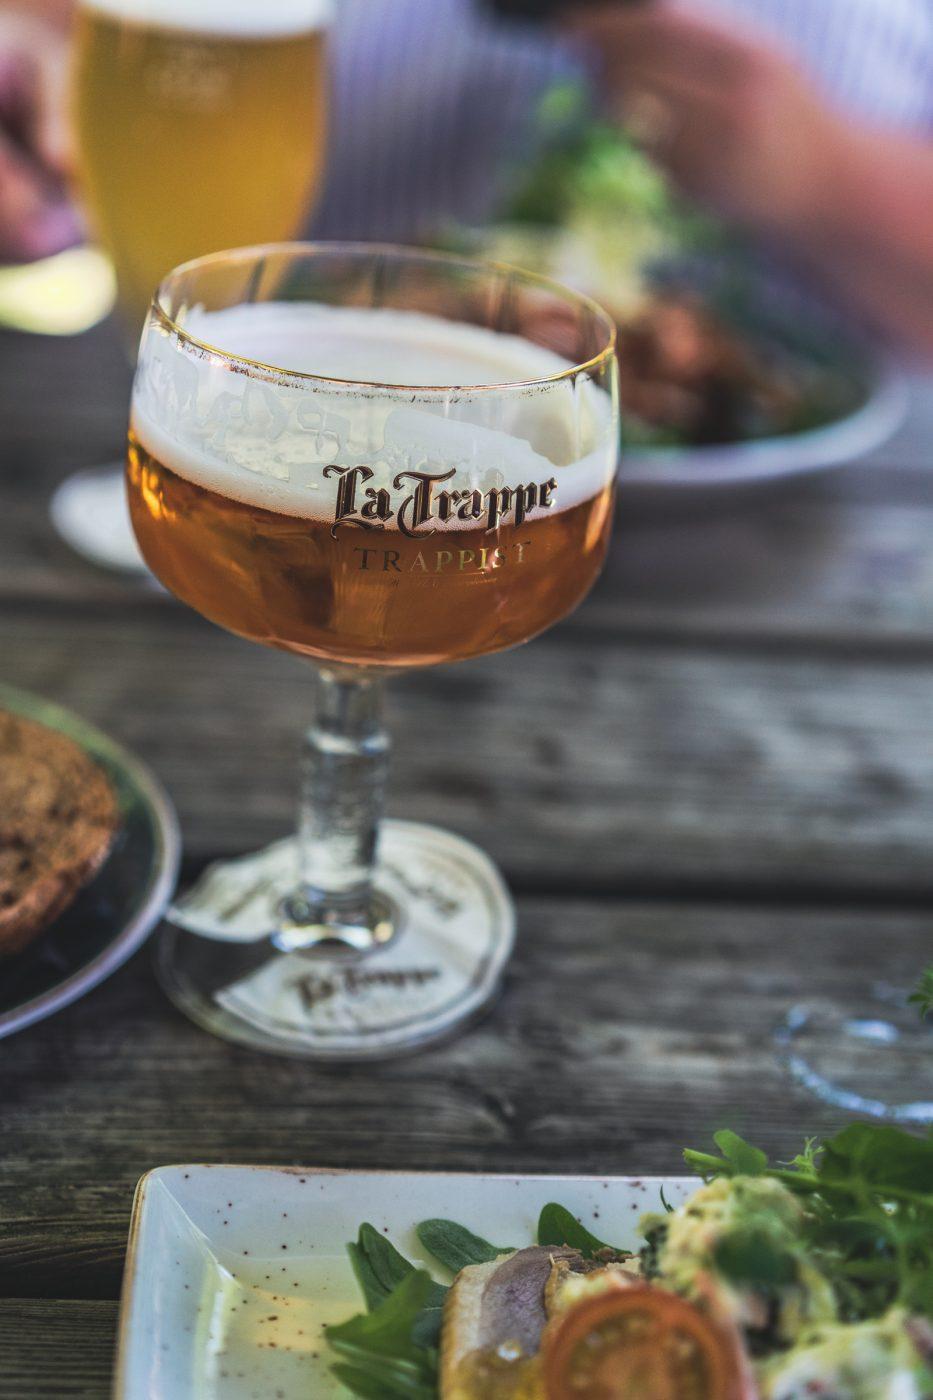 Visit Brabant Tilburg 16 | Wenn ihr wie wir im Westen der Republik wohnt, dann werdet ihr das kennen. Der schnellste Weg ans Meer ist der, zurniederländischen Küste! Genau da waren wir auch schon oft mit Freunden, aber das Landesinnere haben wir auch meist weniger beachtet. Dabei gibt es eine super spannende Region und das mal gerade 2 Stunden mit dem Auto entfernt - Brabant. Diese Region in den Niederlanden gilt als das Foodie-Paradies schlechthin und wir haben uns mehr als gefreut, genau diese Aussage einmal auf die Probe zu stellen. Also gibt es heute den ultimativen Foodguide für euch!